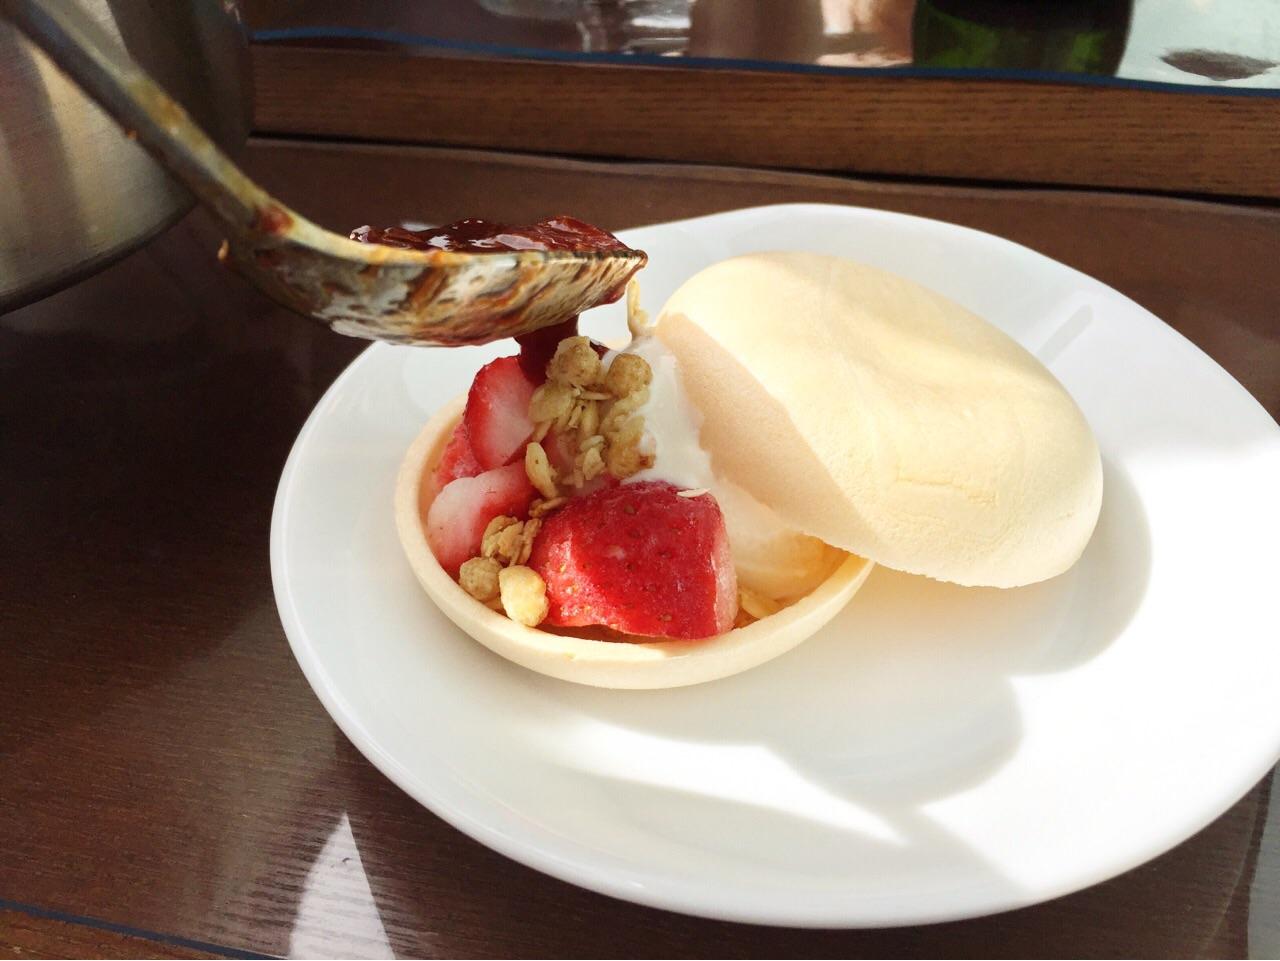 旬のイチゴを活かしたデザート